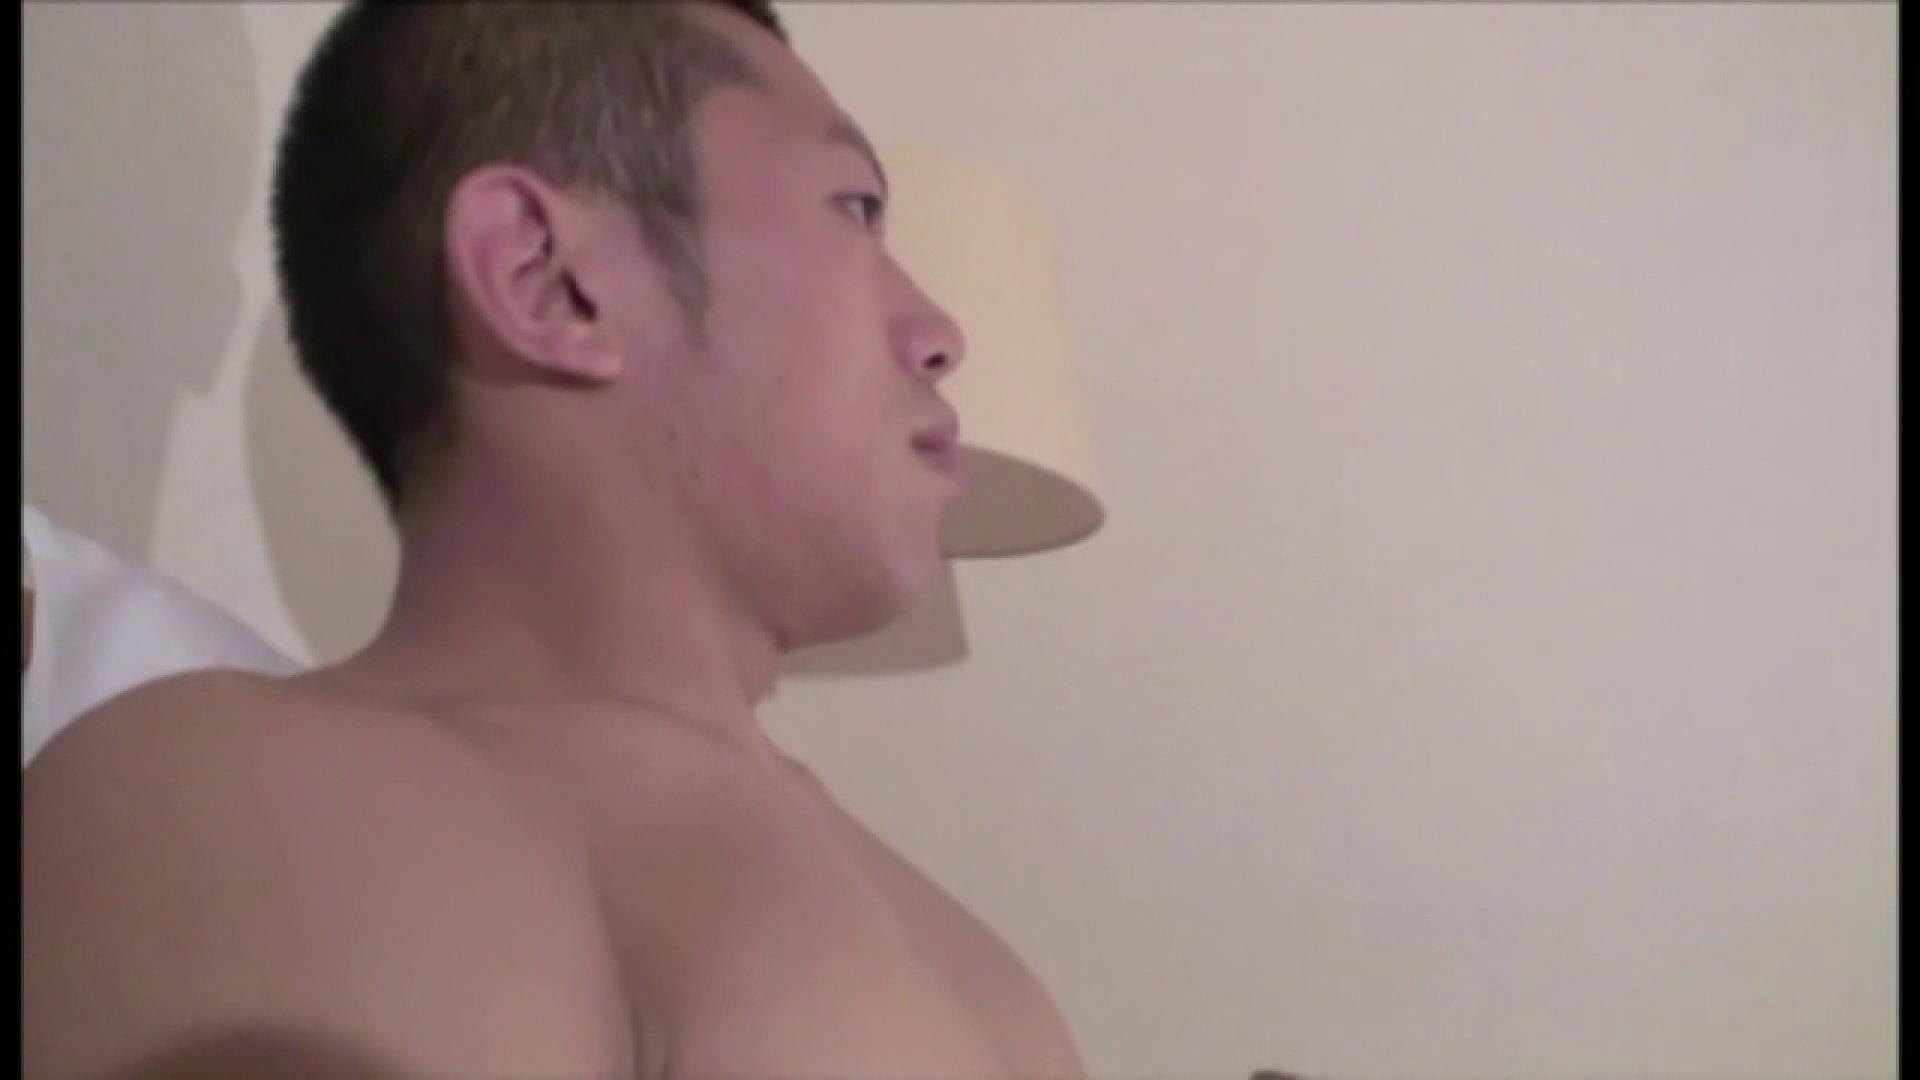 おちんちん|ノンケイケメンの欲望と肉棒 Vol.26|手コキ